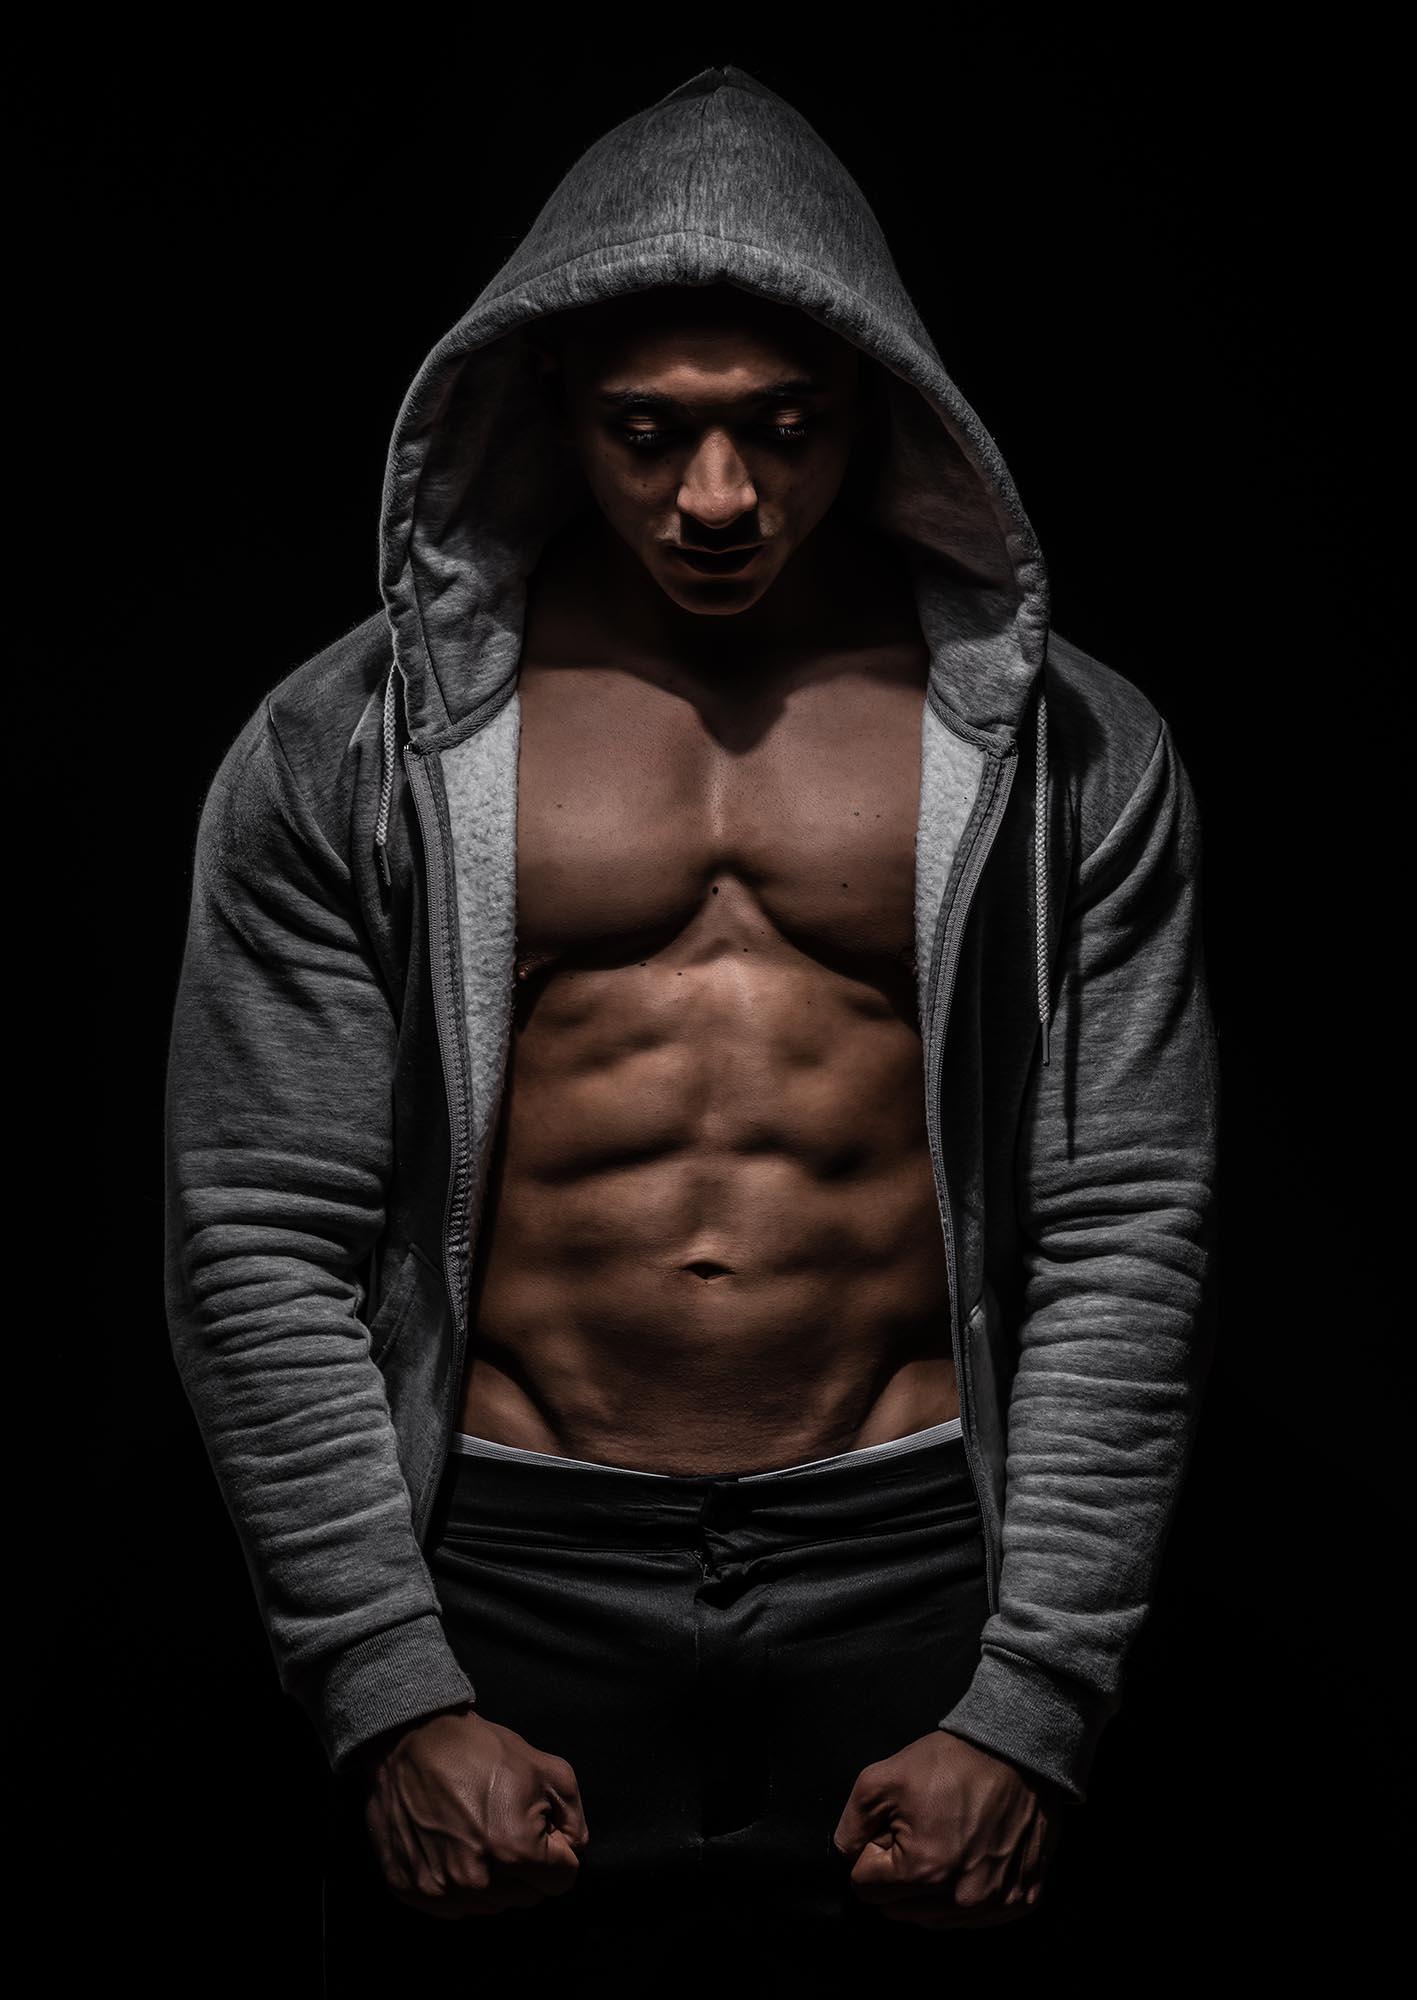 Wesley fotograaf Marty Kooman Marty's Vsion Kapelle Zeeland Holland portret bodybuilding mannen